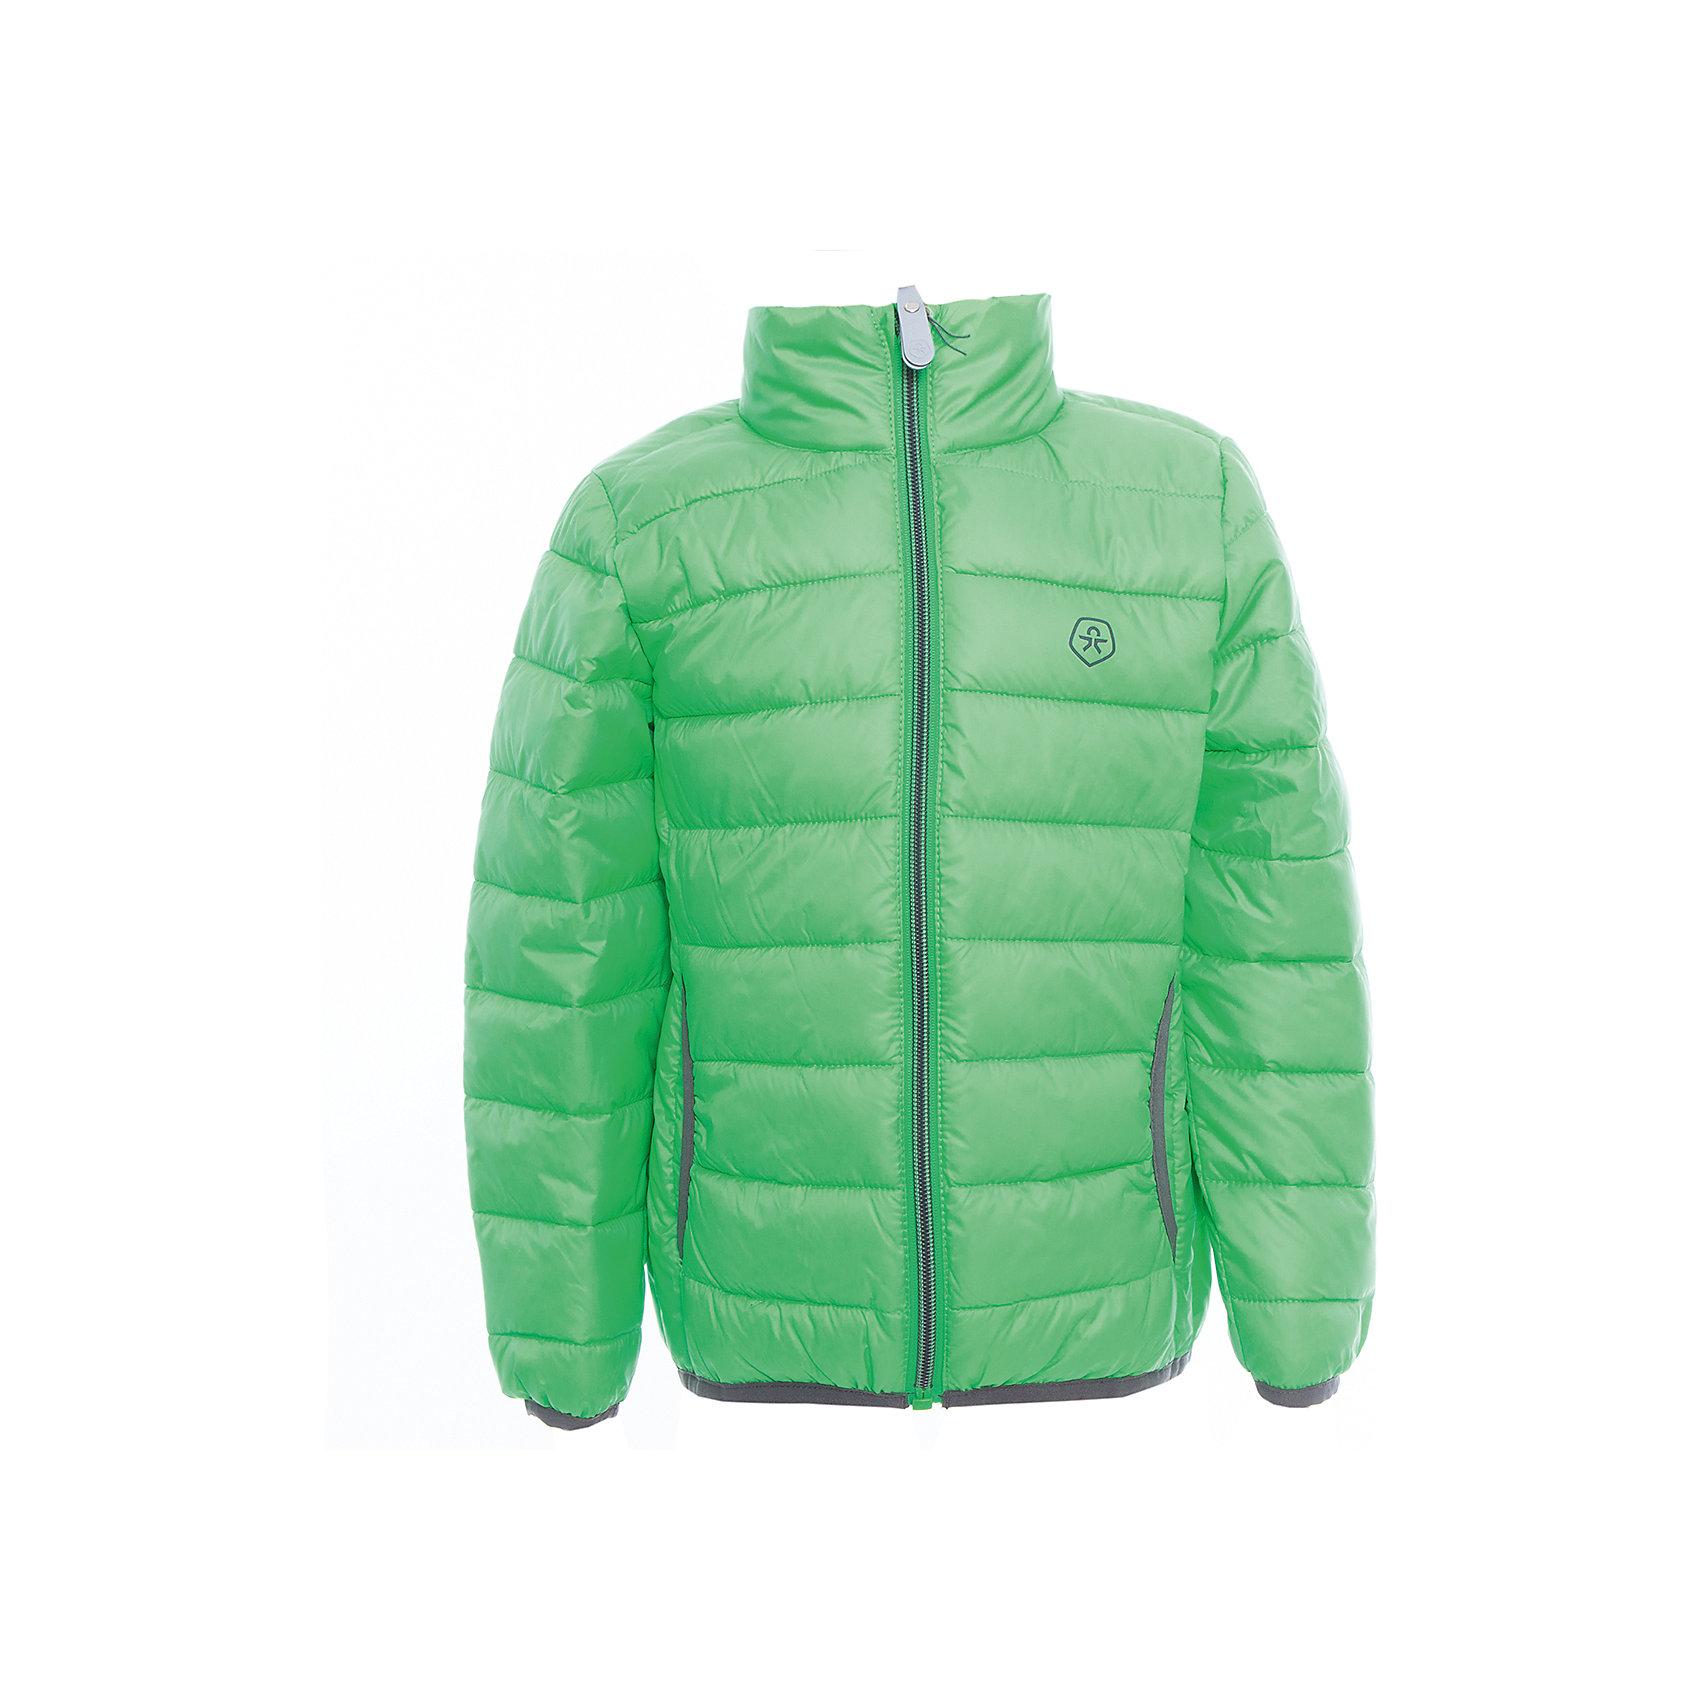 Куртка  Color KidsВерхняя одежда<br>Характеристики товара:<br><br>• цвет: зелёный<br>• состав: 100 % полиэстер<br>• подкладка: 100 % полиэстер<br>• утеплитель: 160г/м синтепон<br>• температурный режим: от -5° С до +10°С<br>• светоотражающие детали<br>• застежка: молния<br>• защита подбородка<br>• два кармана<br>• логотип<br>• комфортная посадка<br>• страна бренда: Дания<br><br>Эта симпатичная и удобная куртка отлично подойдет для ношения в межсезонье. Она комфортно сидит и обеспечивает ребенку необходимое удобство. Очень стильно смотрится.<br><br>Куртку от датского бренда Color Kids (Колор кидз) можно купить в нашем интернет-магазине.<br><br>Ширина мм: 356<br>Глубина мм: 10<br>Высота мм: 245<br>Вес г: 519<br>Цвет: зеленый<br>Возраст от месяцев: 24<br>Возраст до месяцев: 36<br>Пол: Унисекс<br>Возраст: Детский<br>Размер: 98,104,110,116,122,128,140,152,92<br>SKU: 5443146